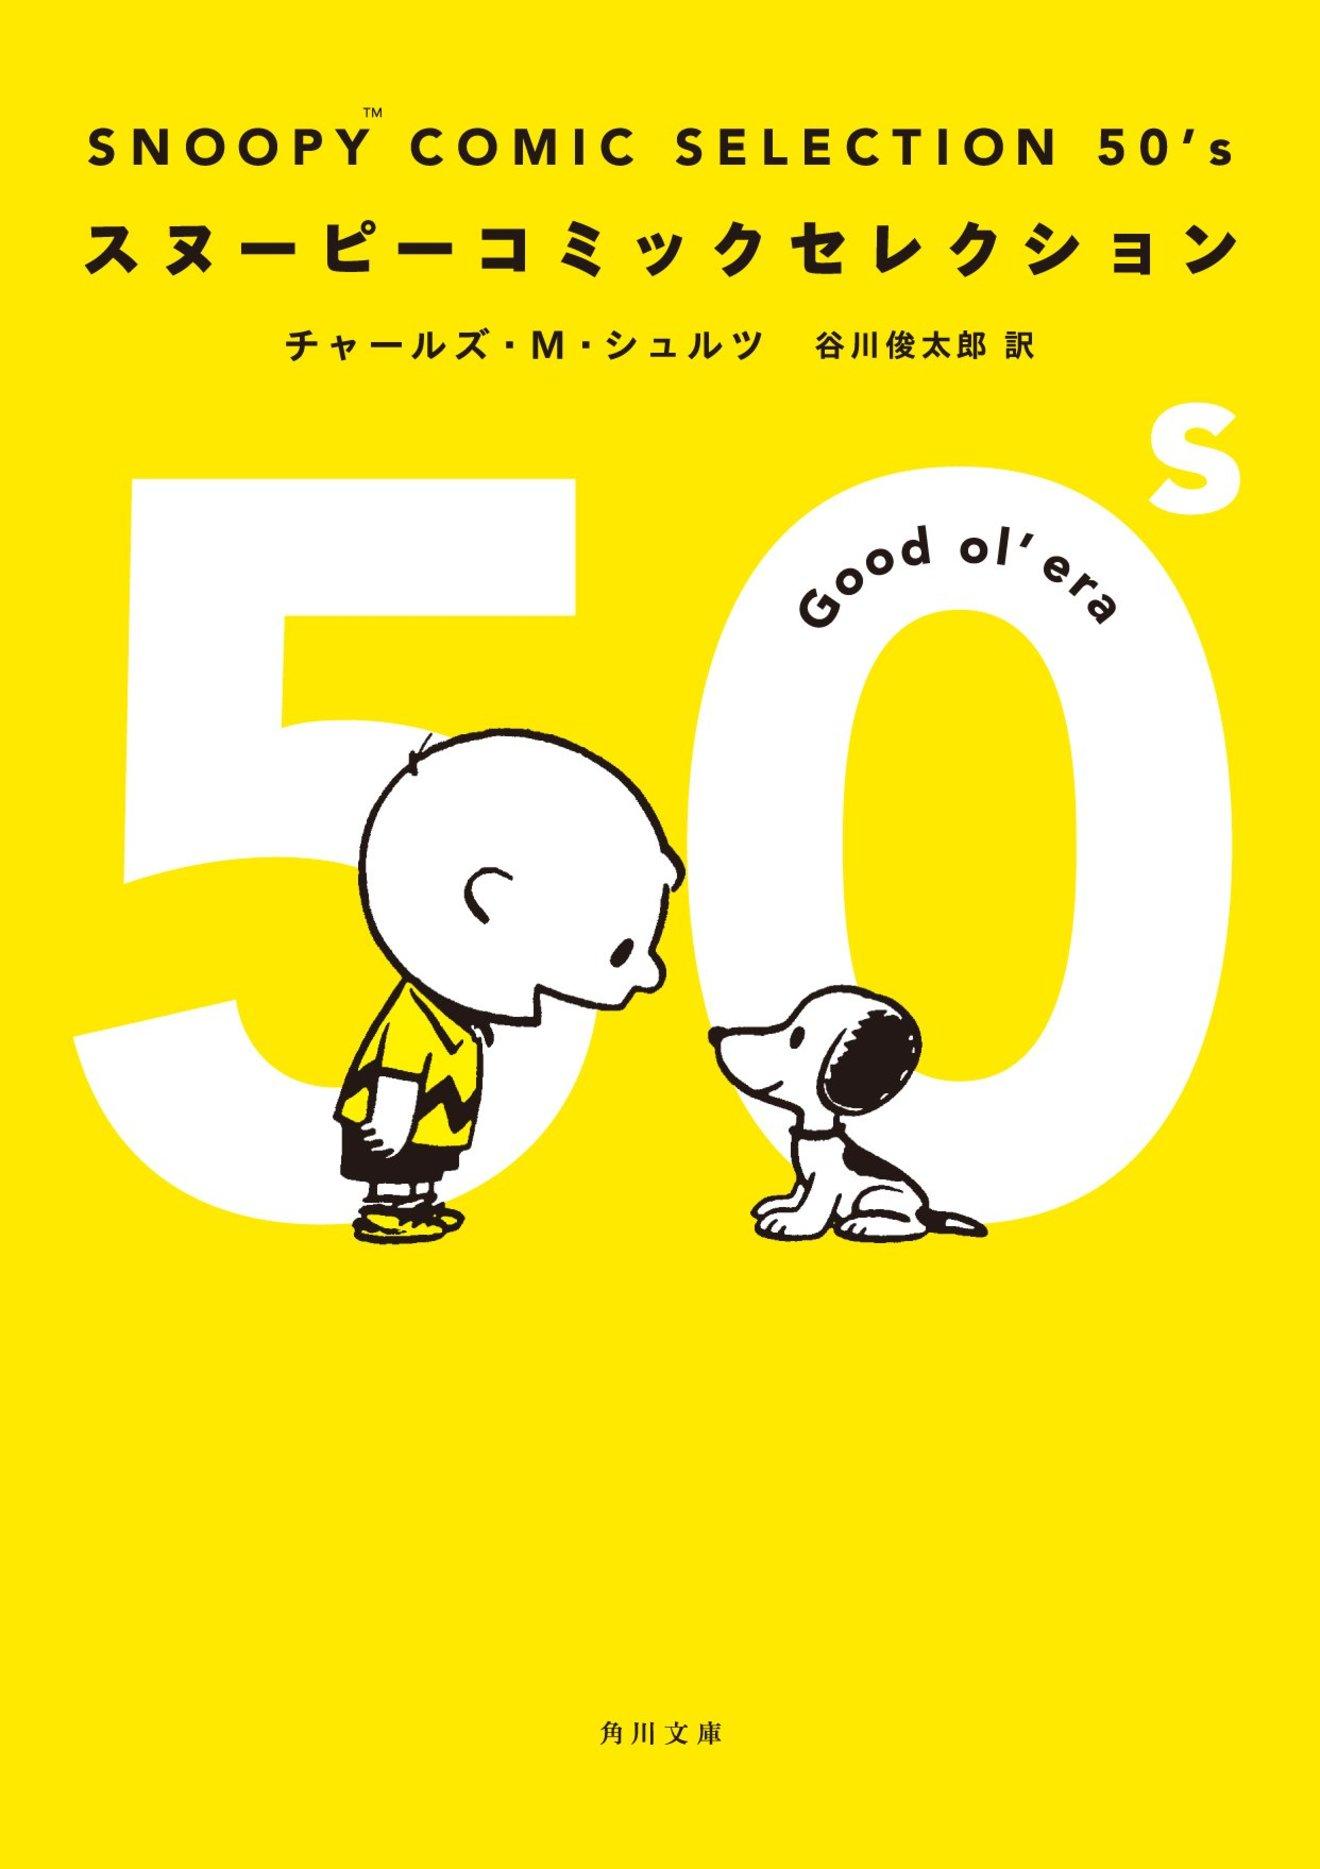 スヌーピー本おすすめ6選!名言、小説、コミック、谷川俊太郎の翻訳など